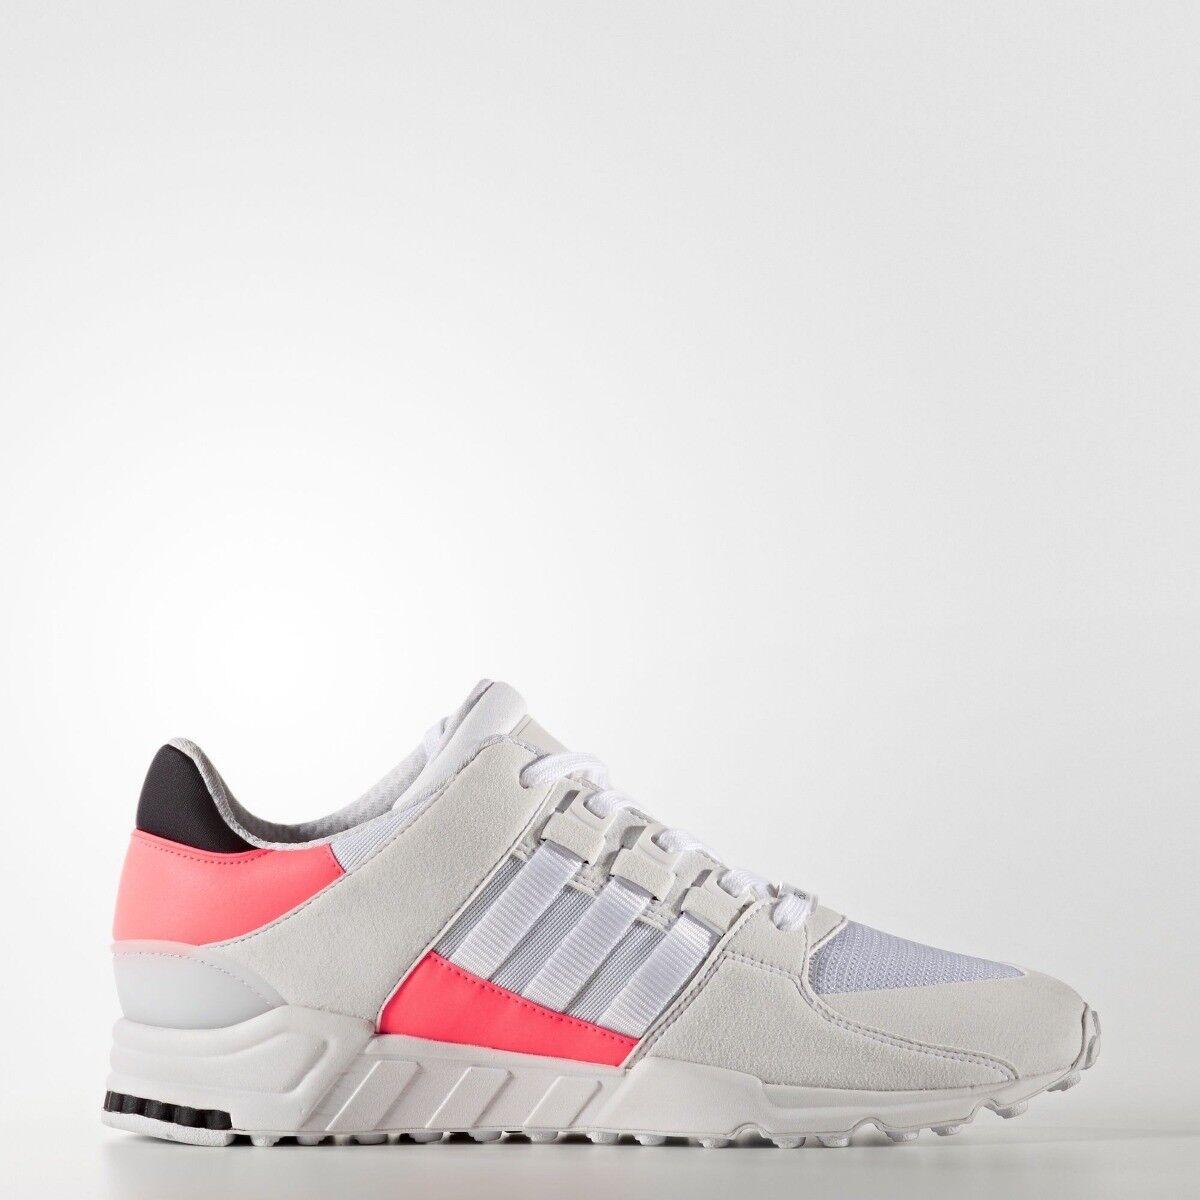 Adidas EQT Support RF Trainer UK Größe 8 8.5 9 9.5 10.5 Weiß Schuhe Run  /-